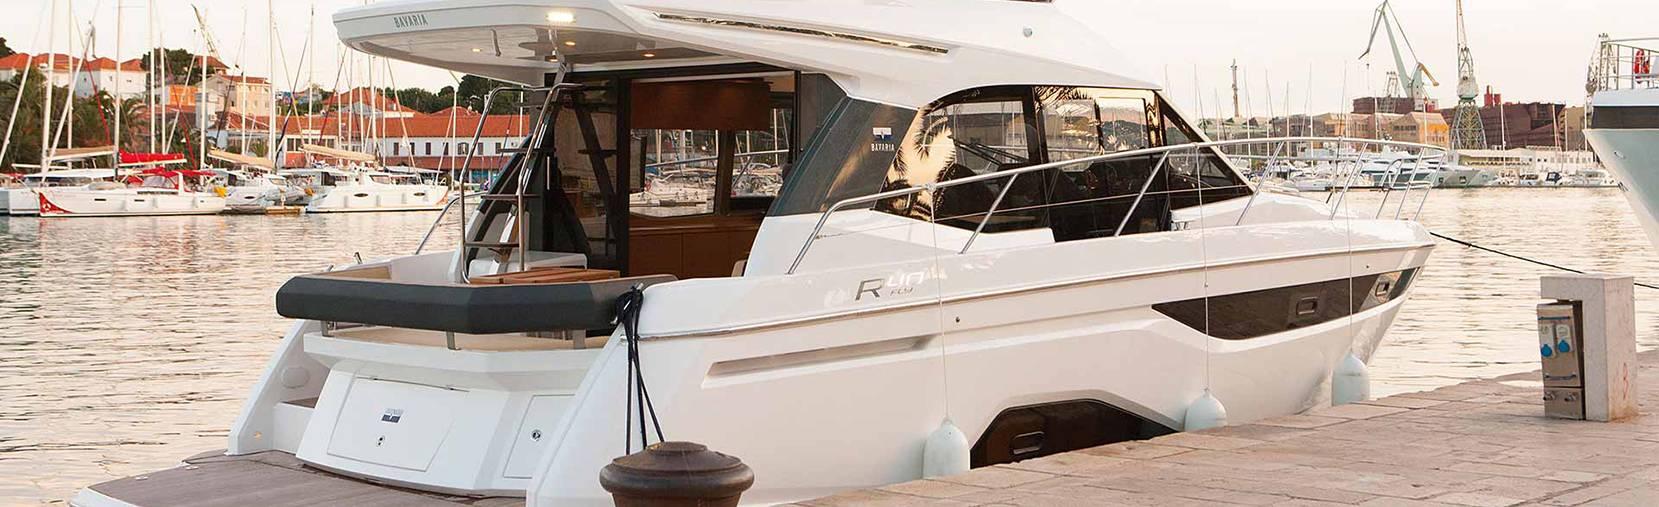 Bavaria R40 boat